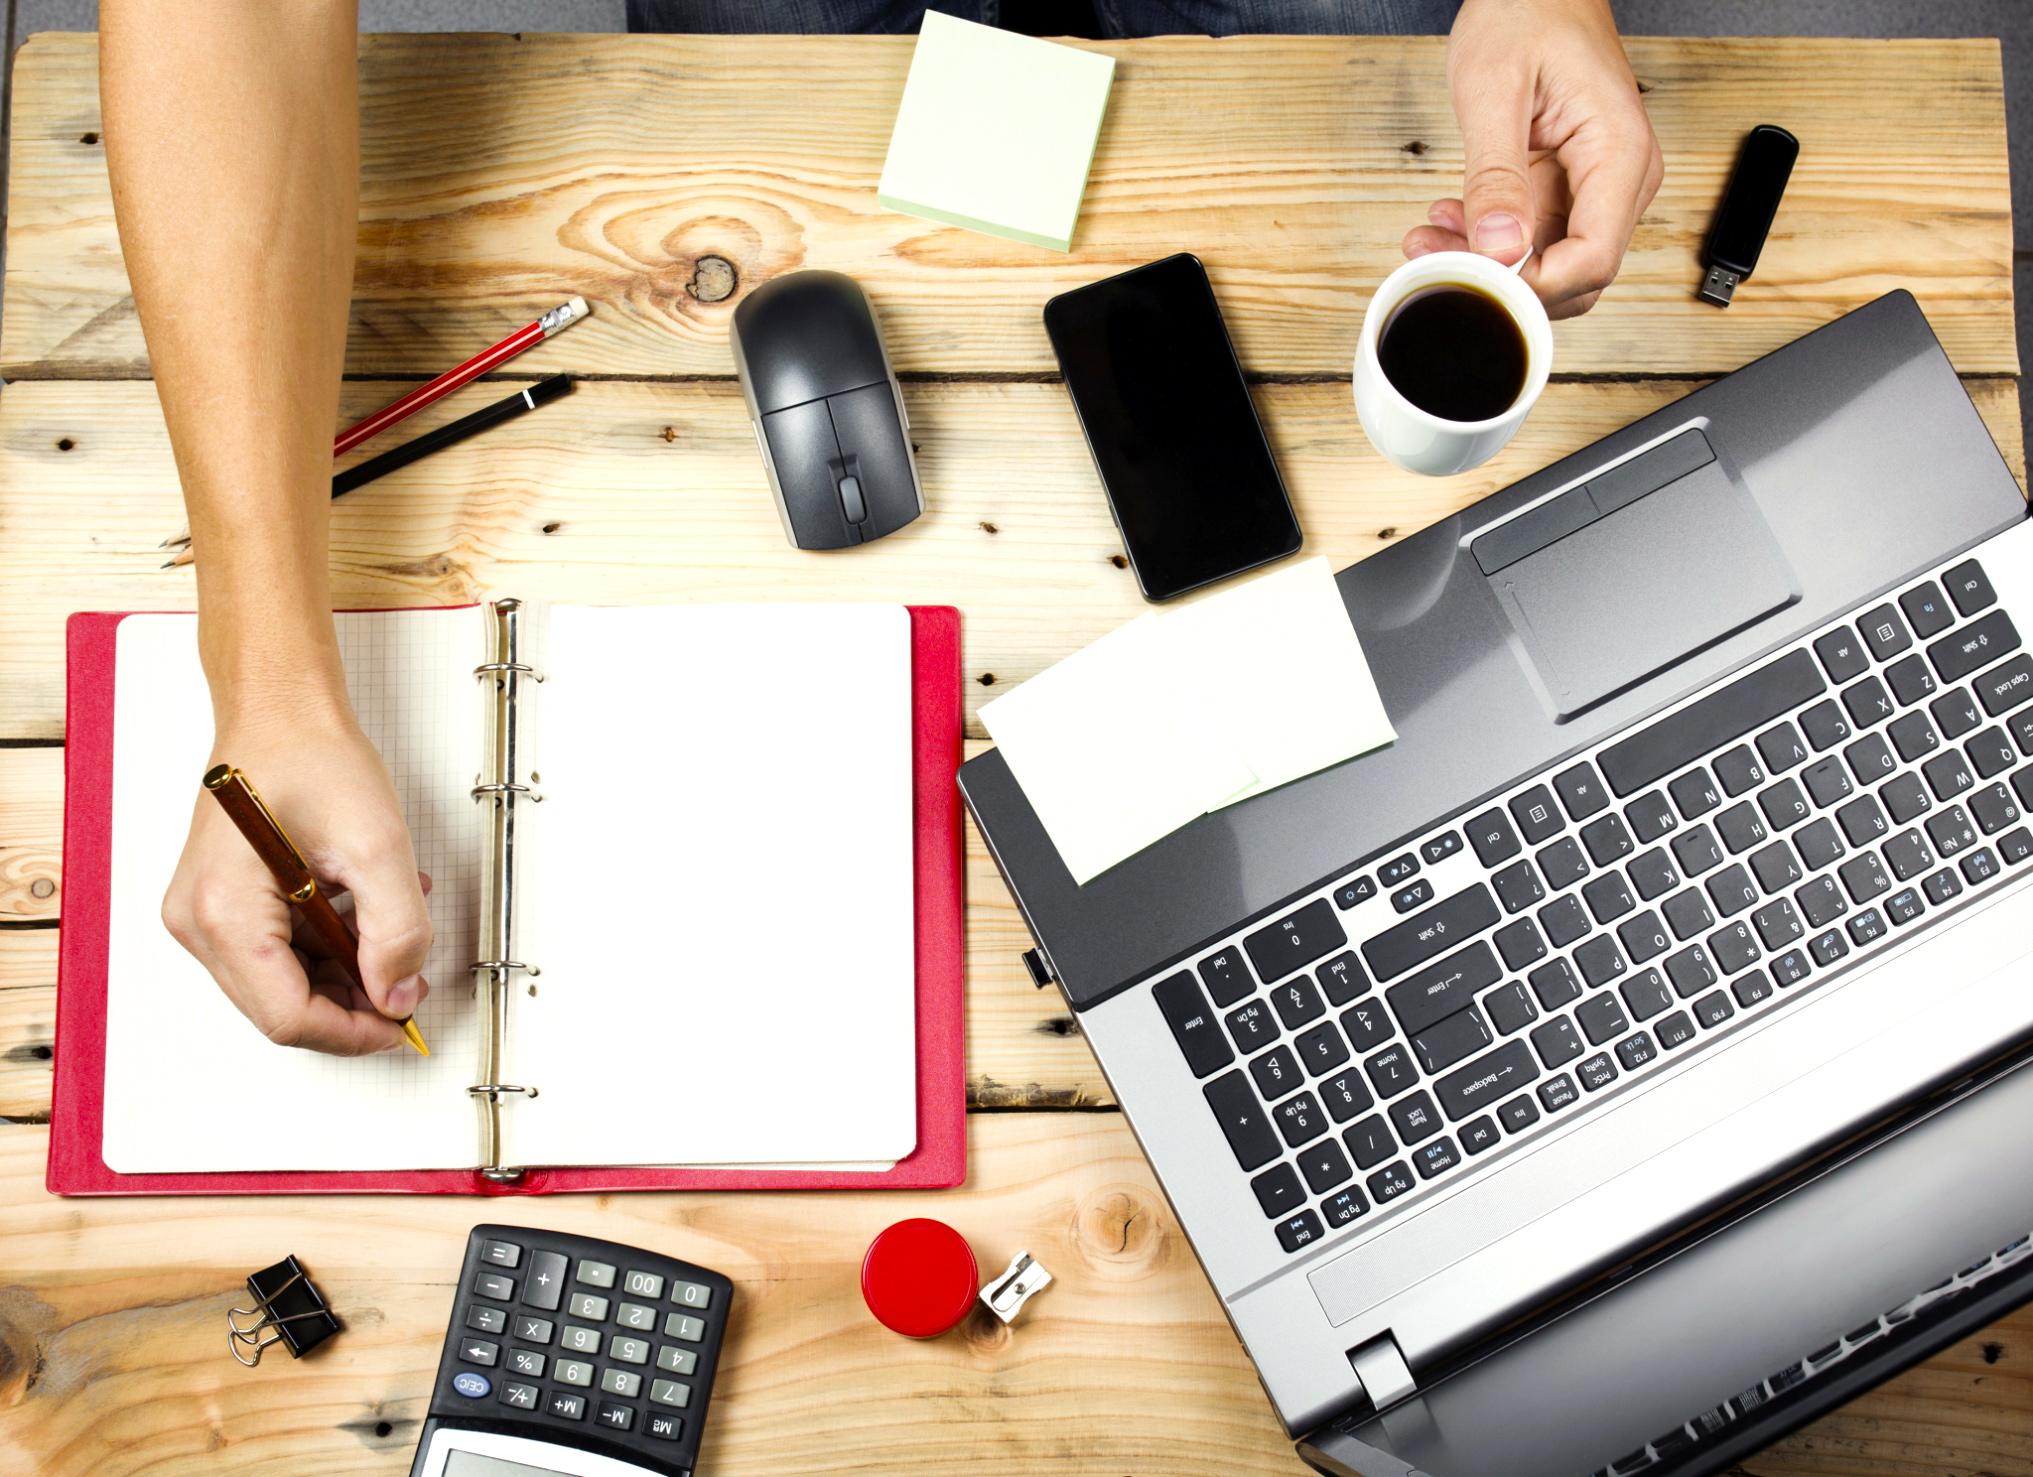 начать работать на себя и открыть небольшой бизнес